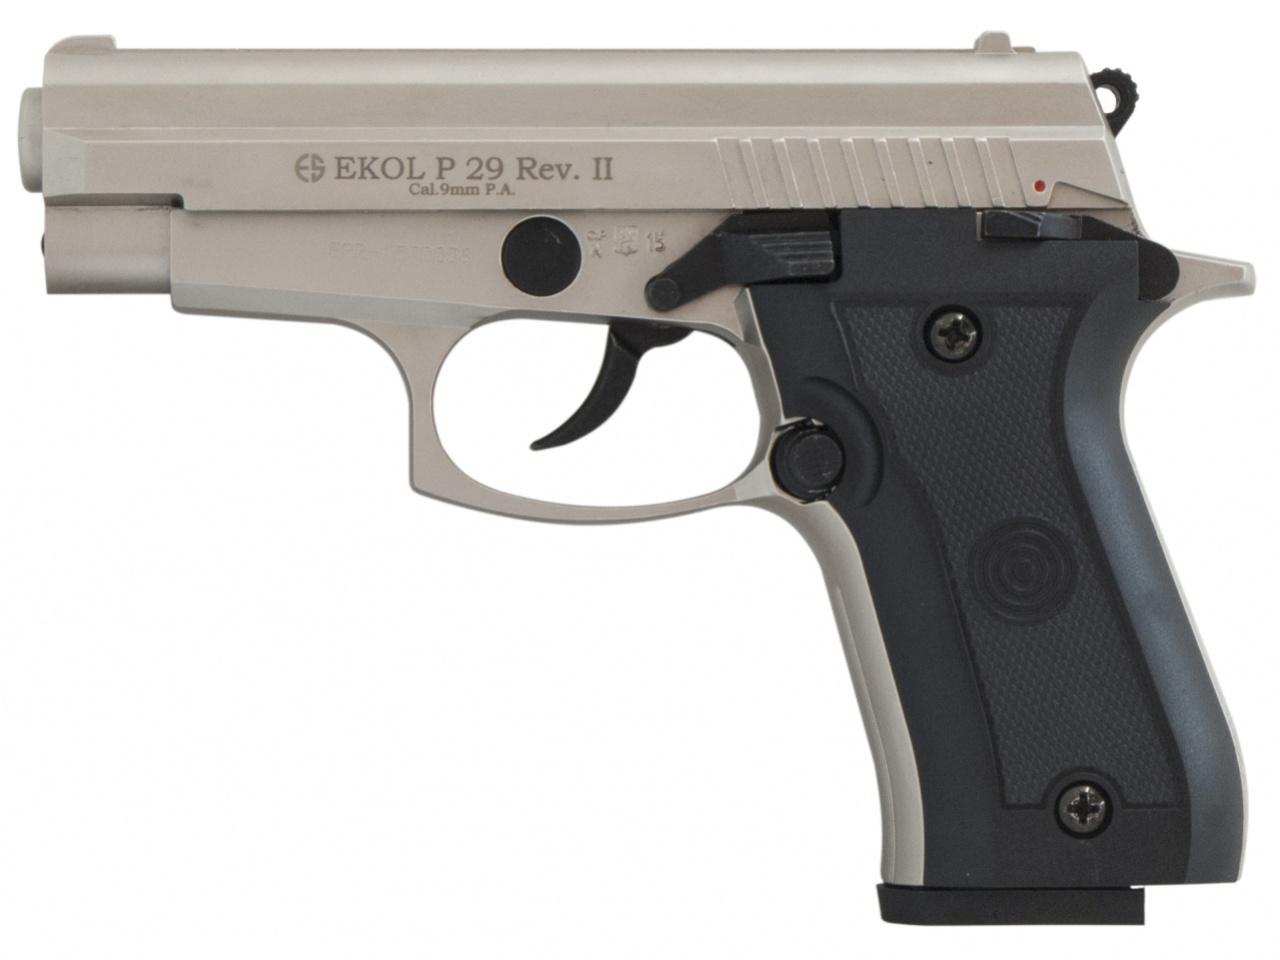 Pistolet gazowy Ekol P29 REV II satyn kal.9mm